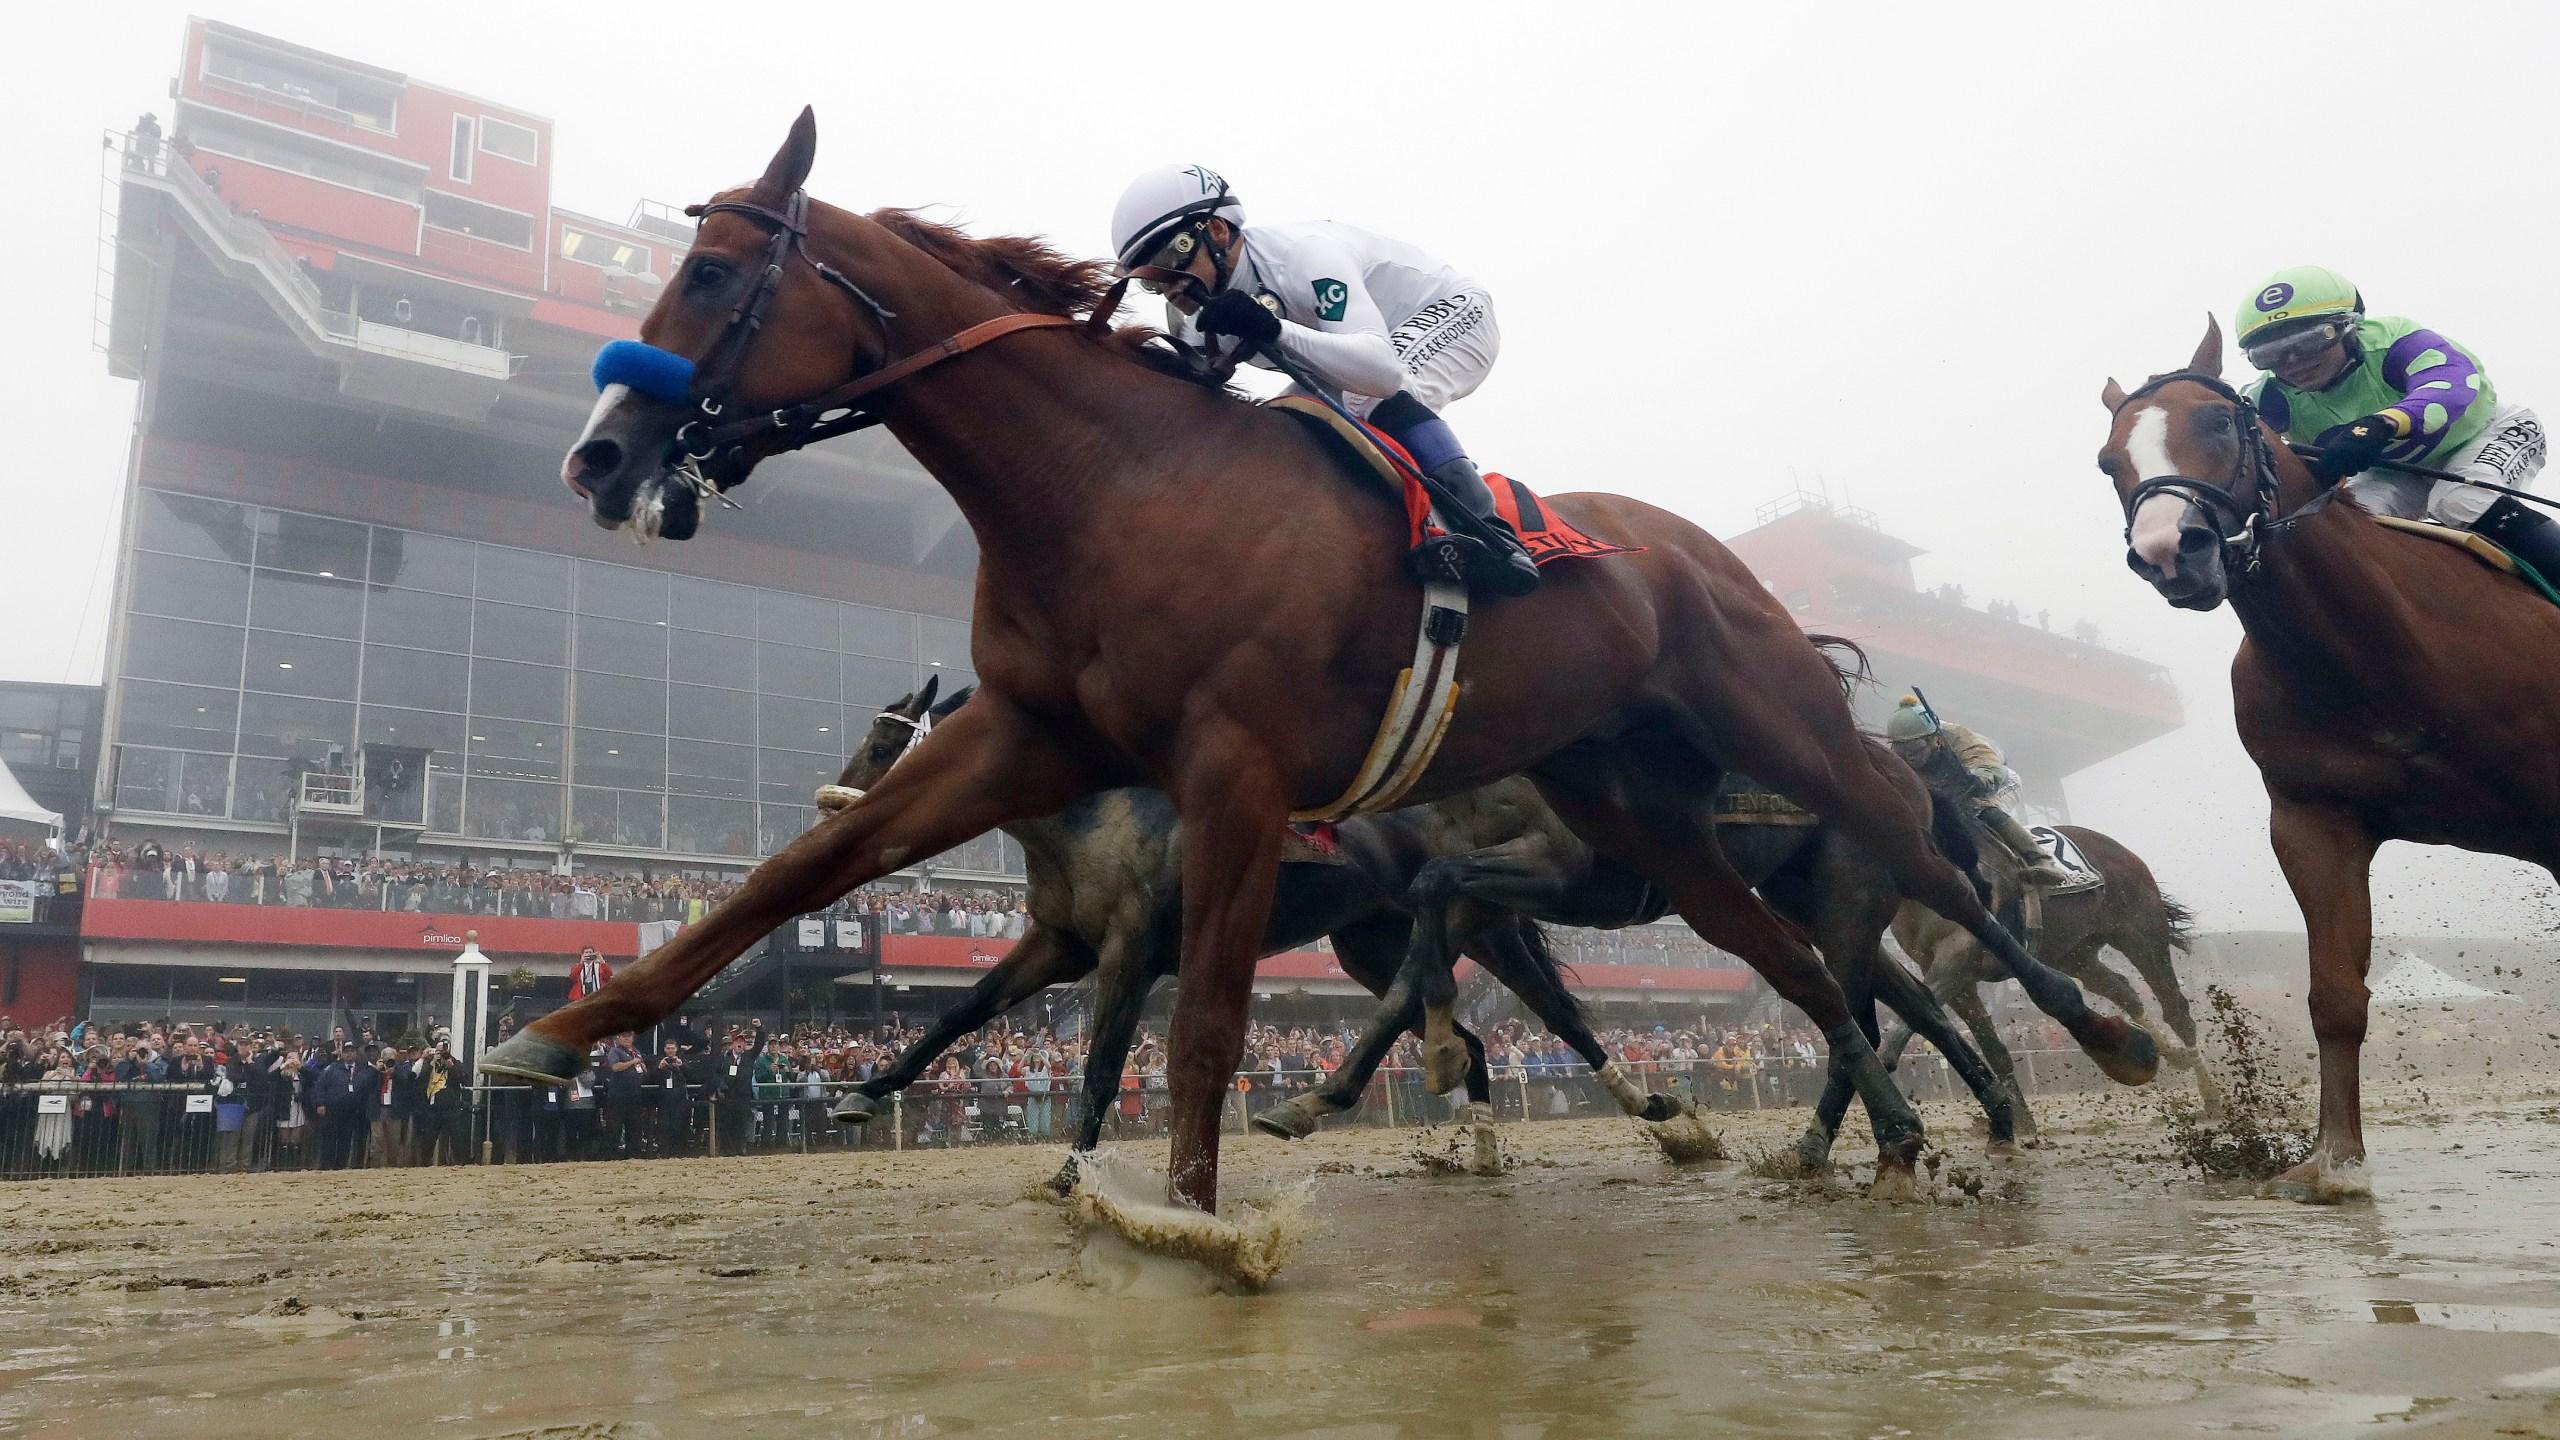 Justify_Triple_Crown_Horse_Racing_88335-159532.jpg83499478